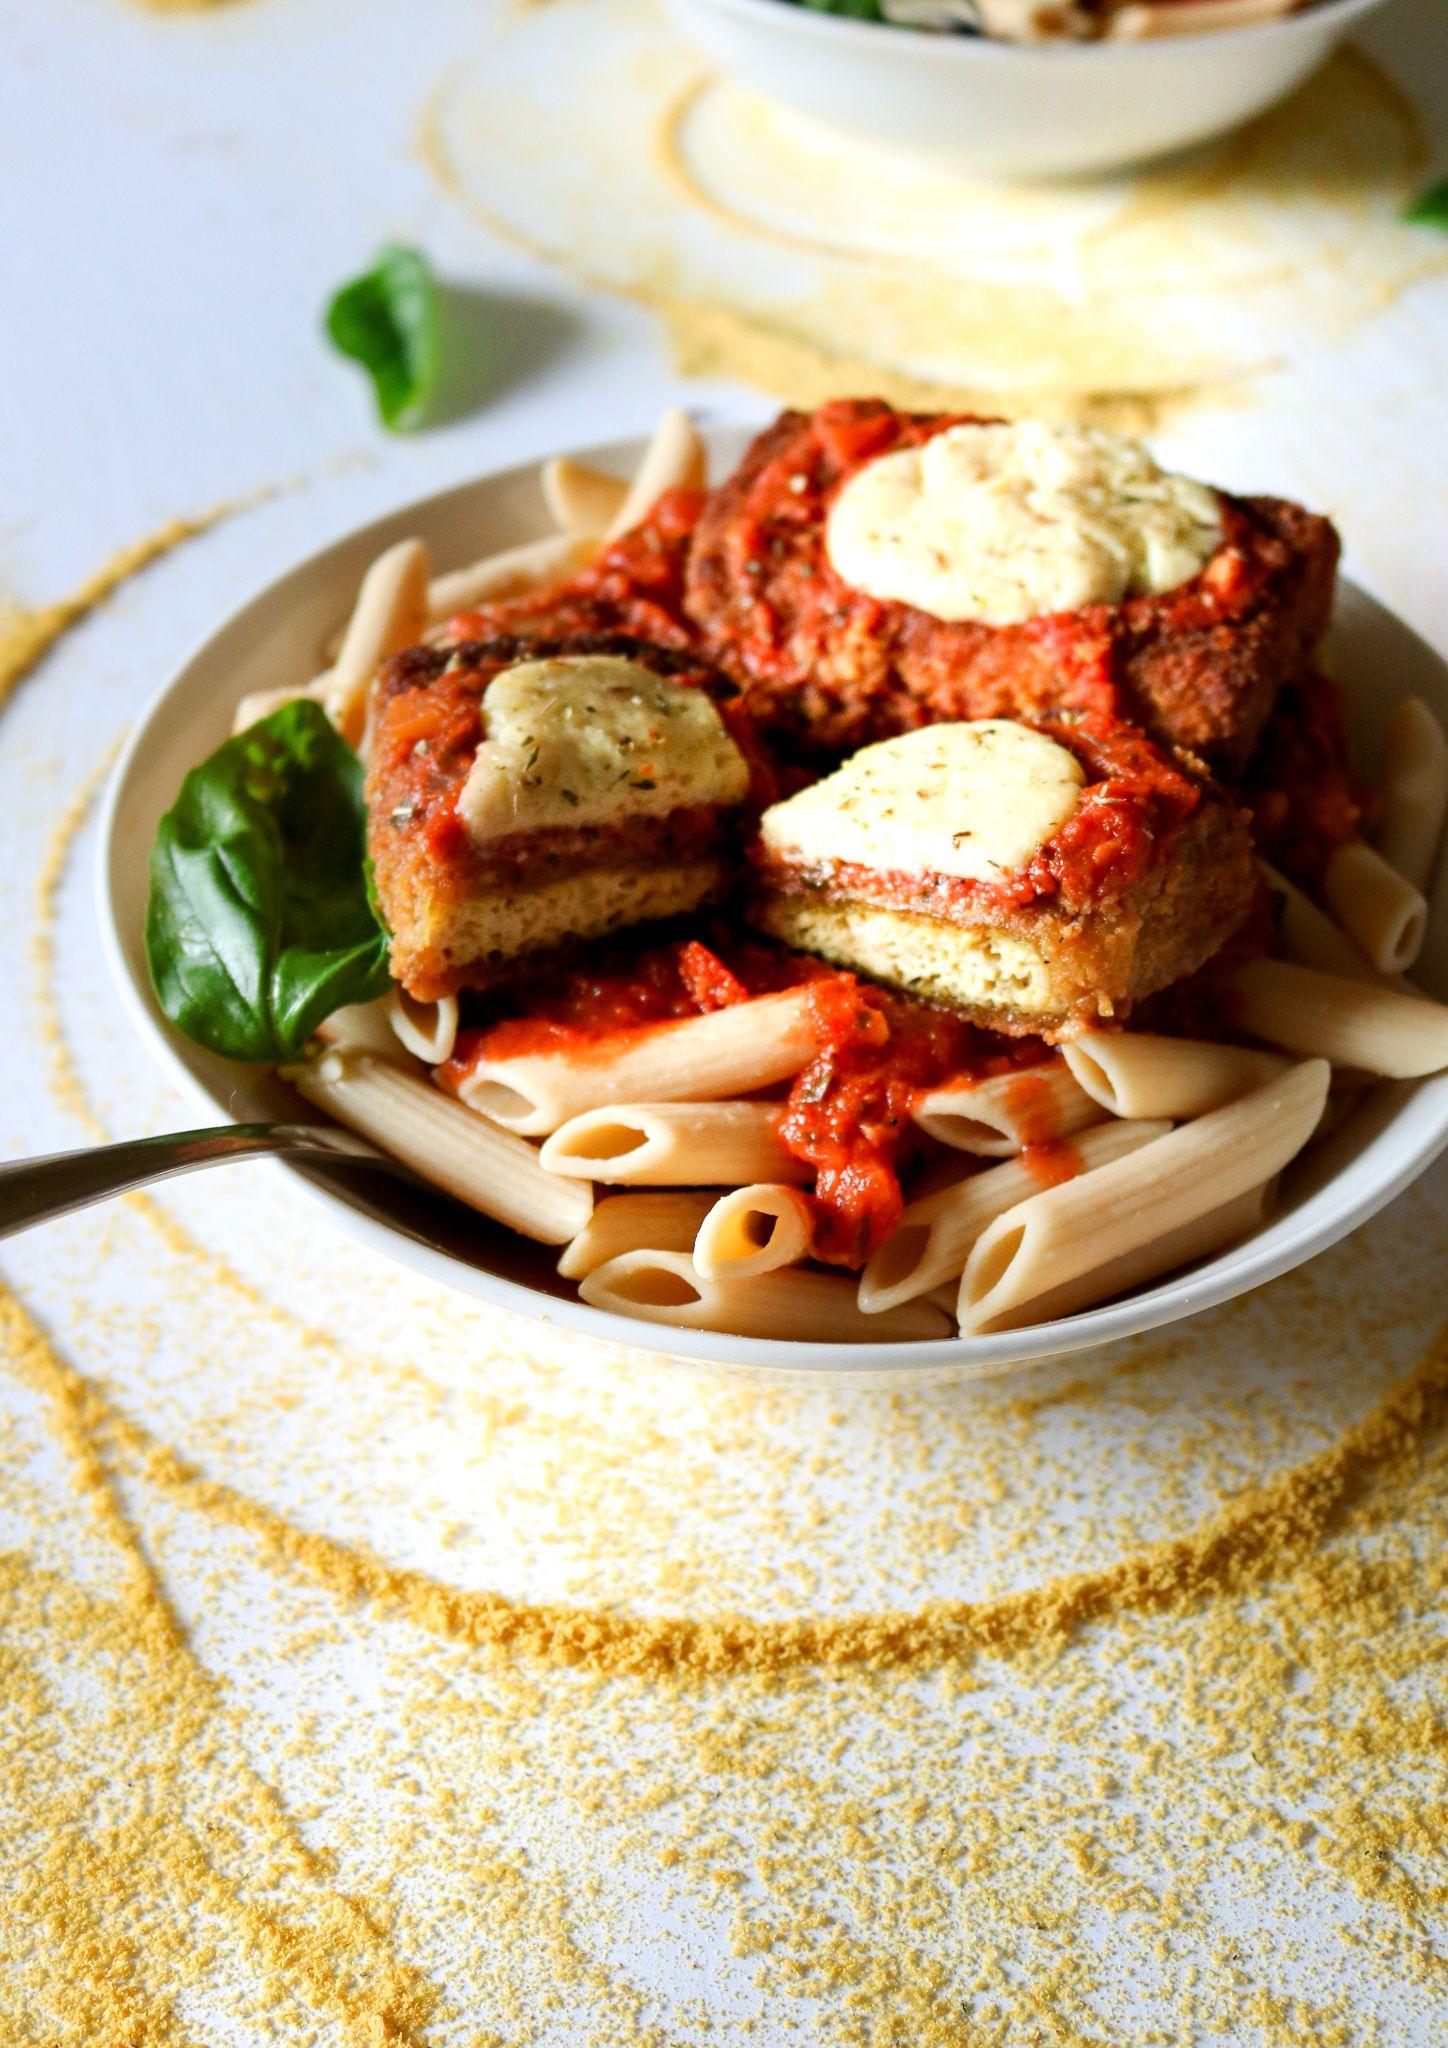 Restaurant Style Vegan Chicken Parmesan